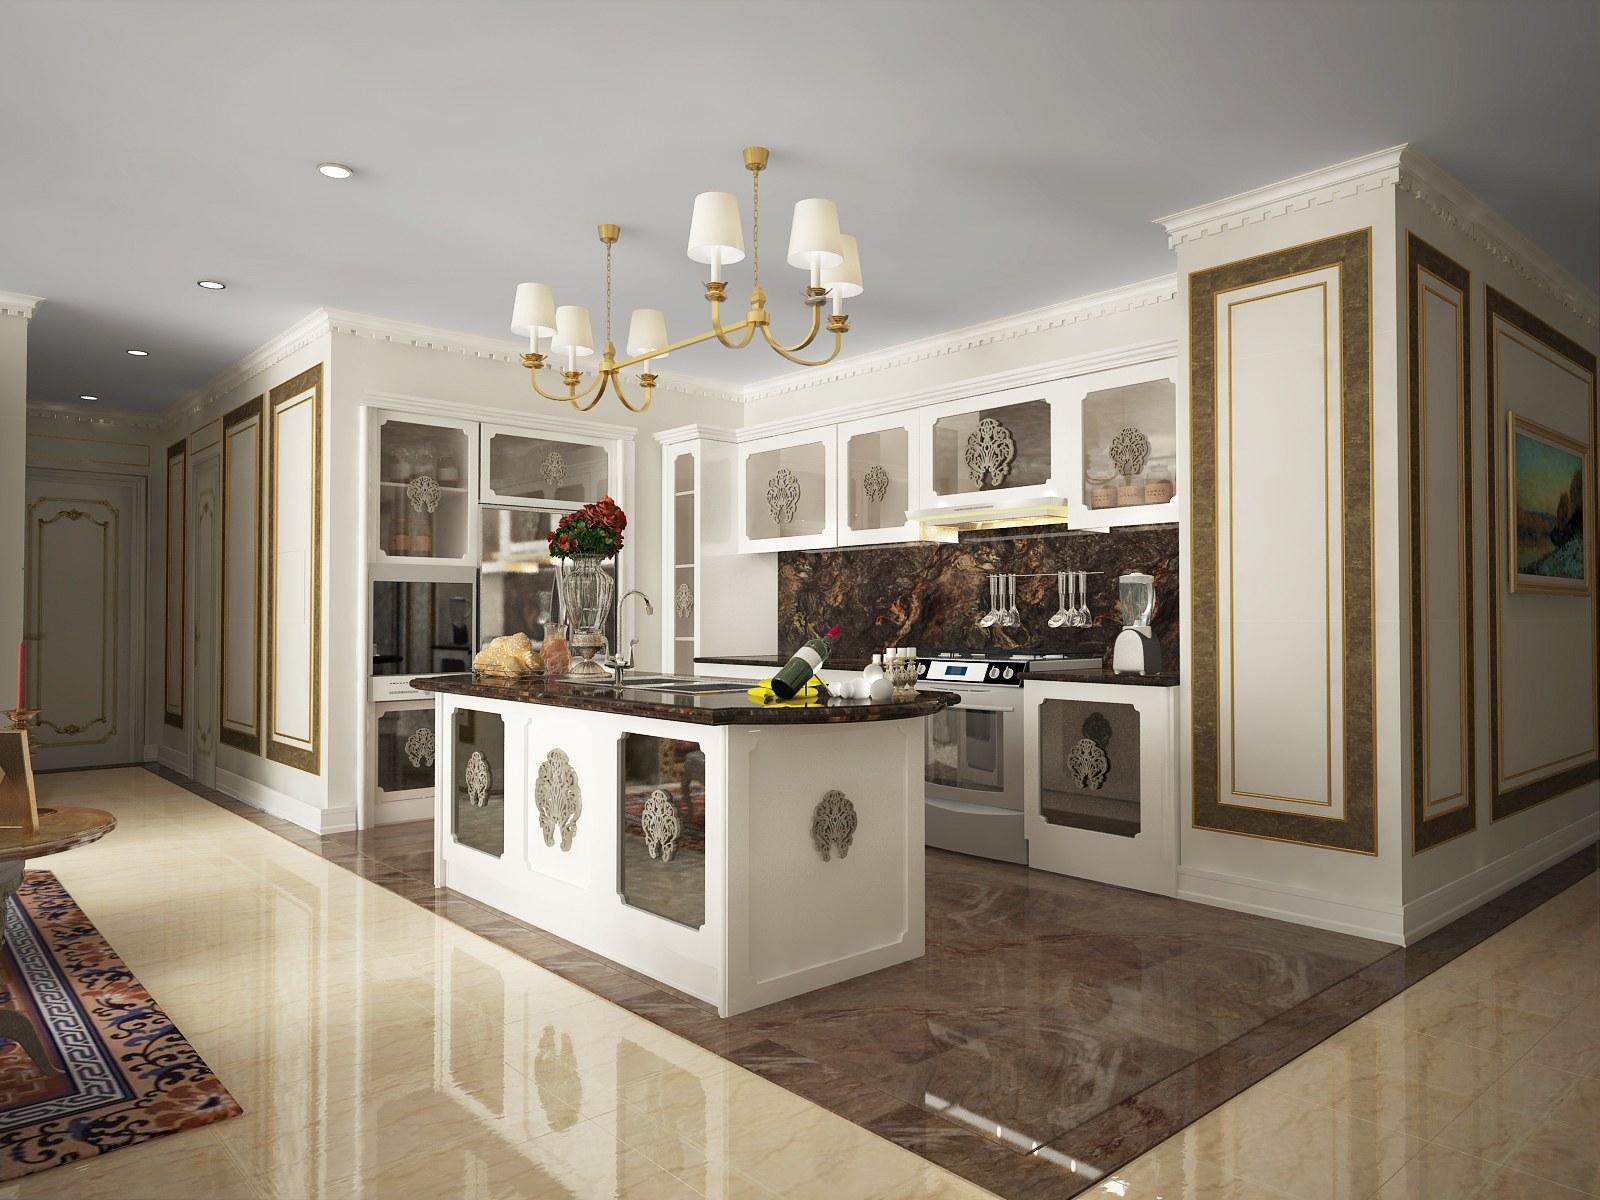 Phòng bếp chung cư đầy đủ công năng và chức năng